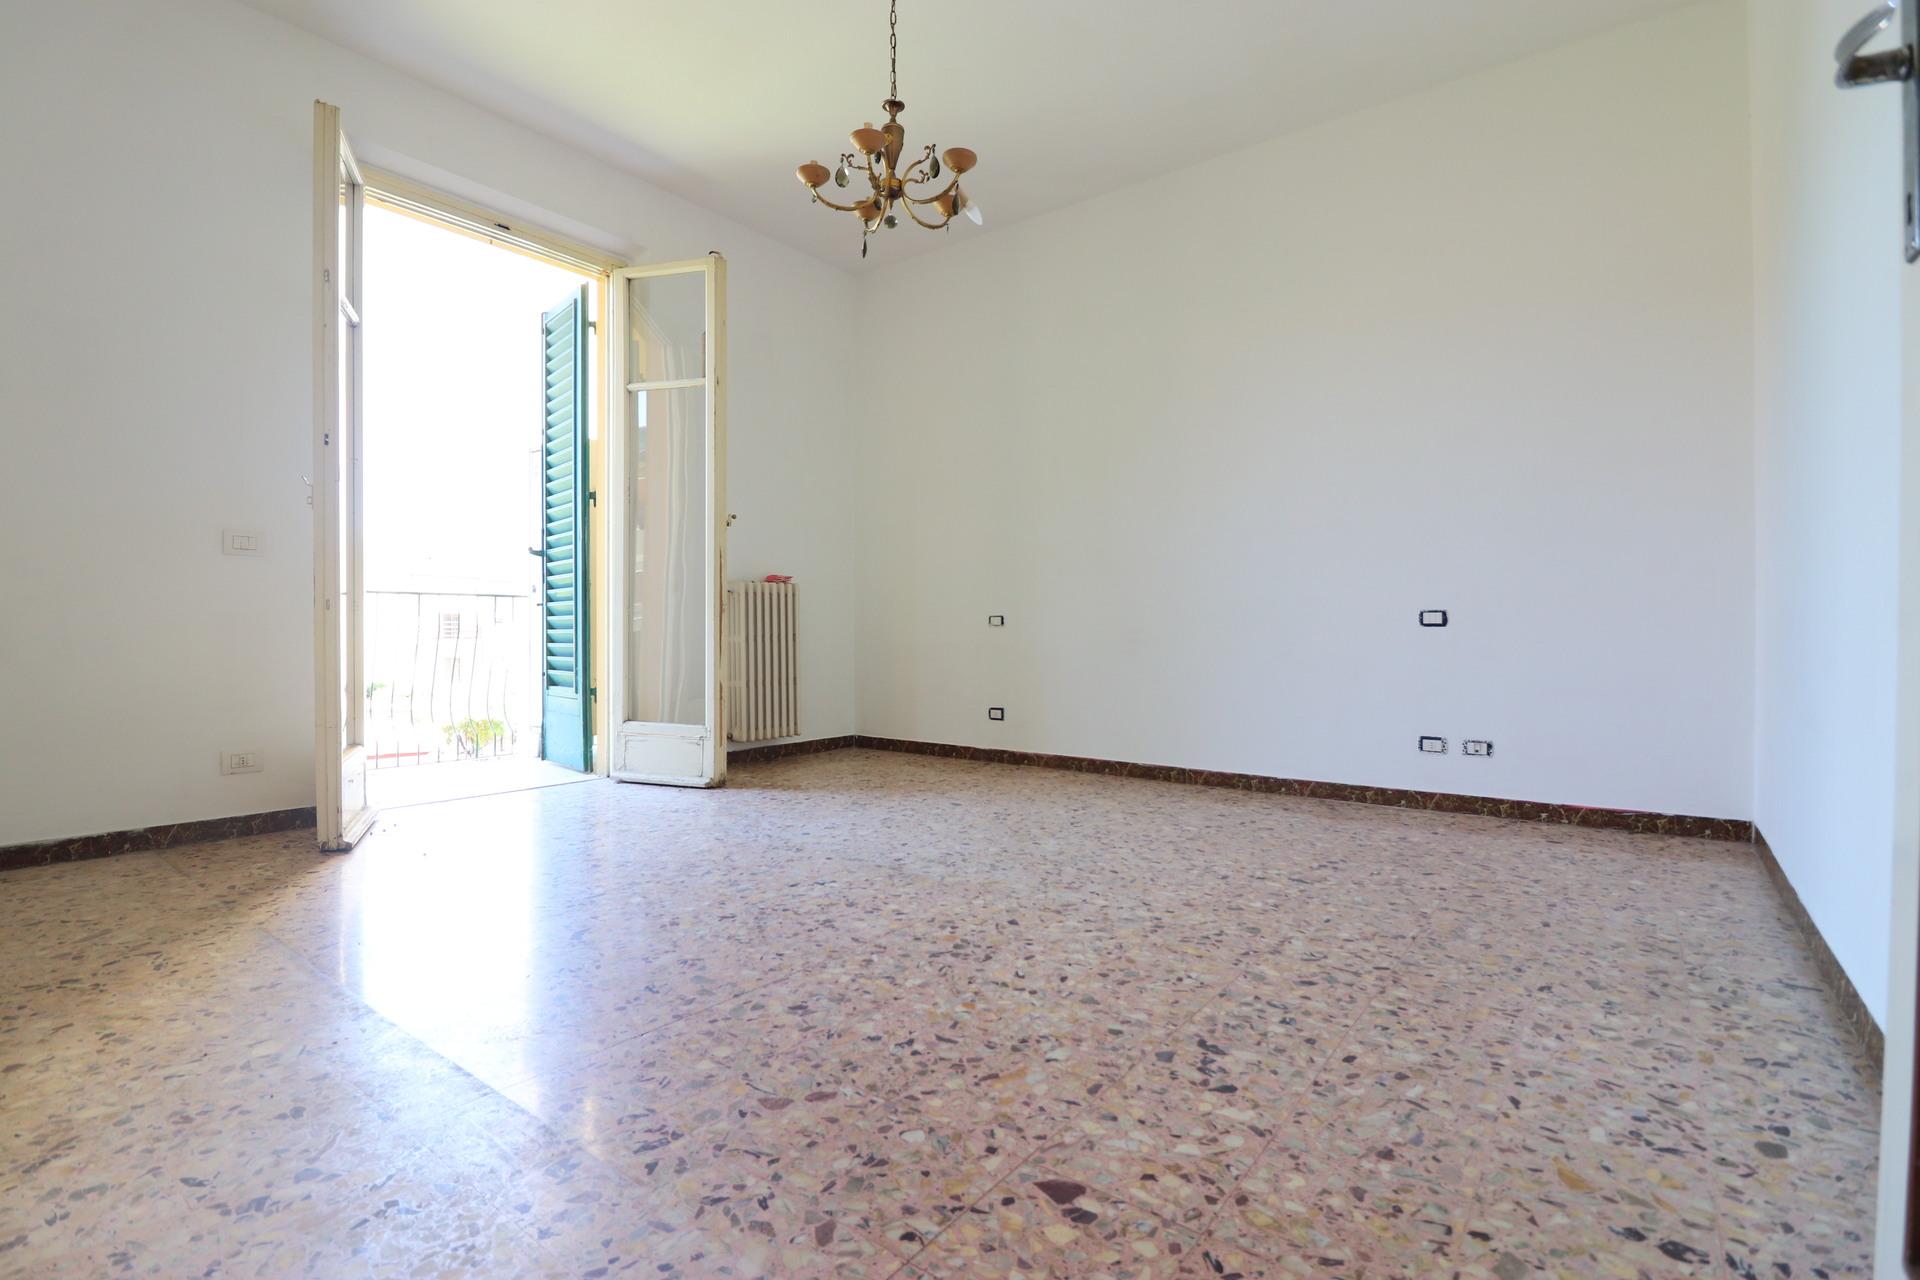 House in Via Beccari